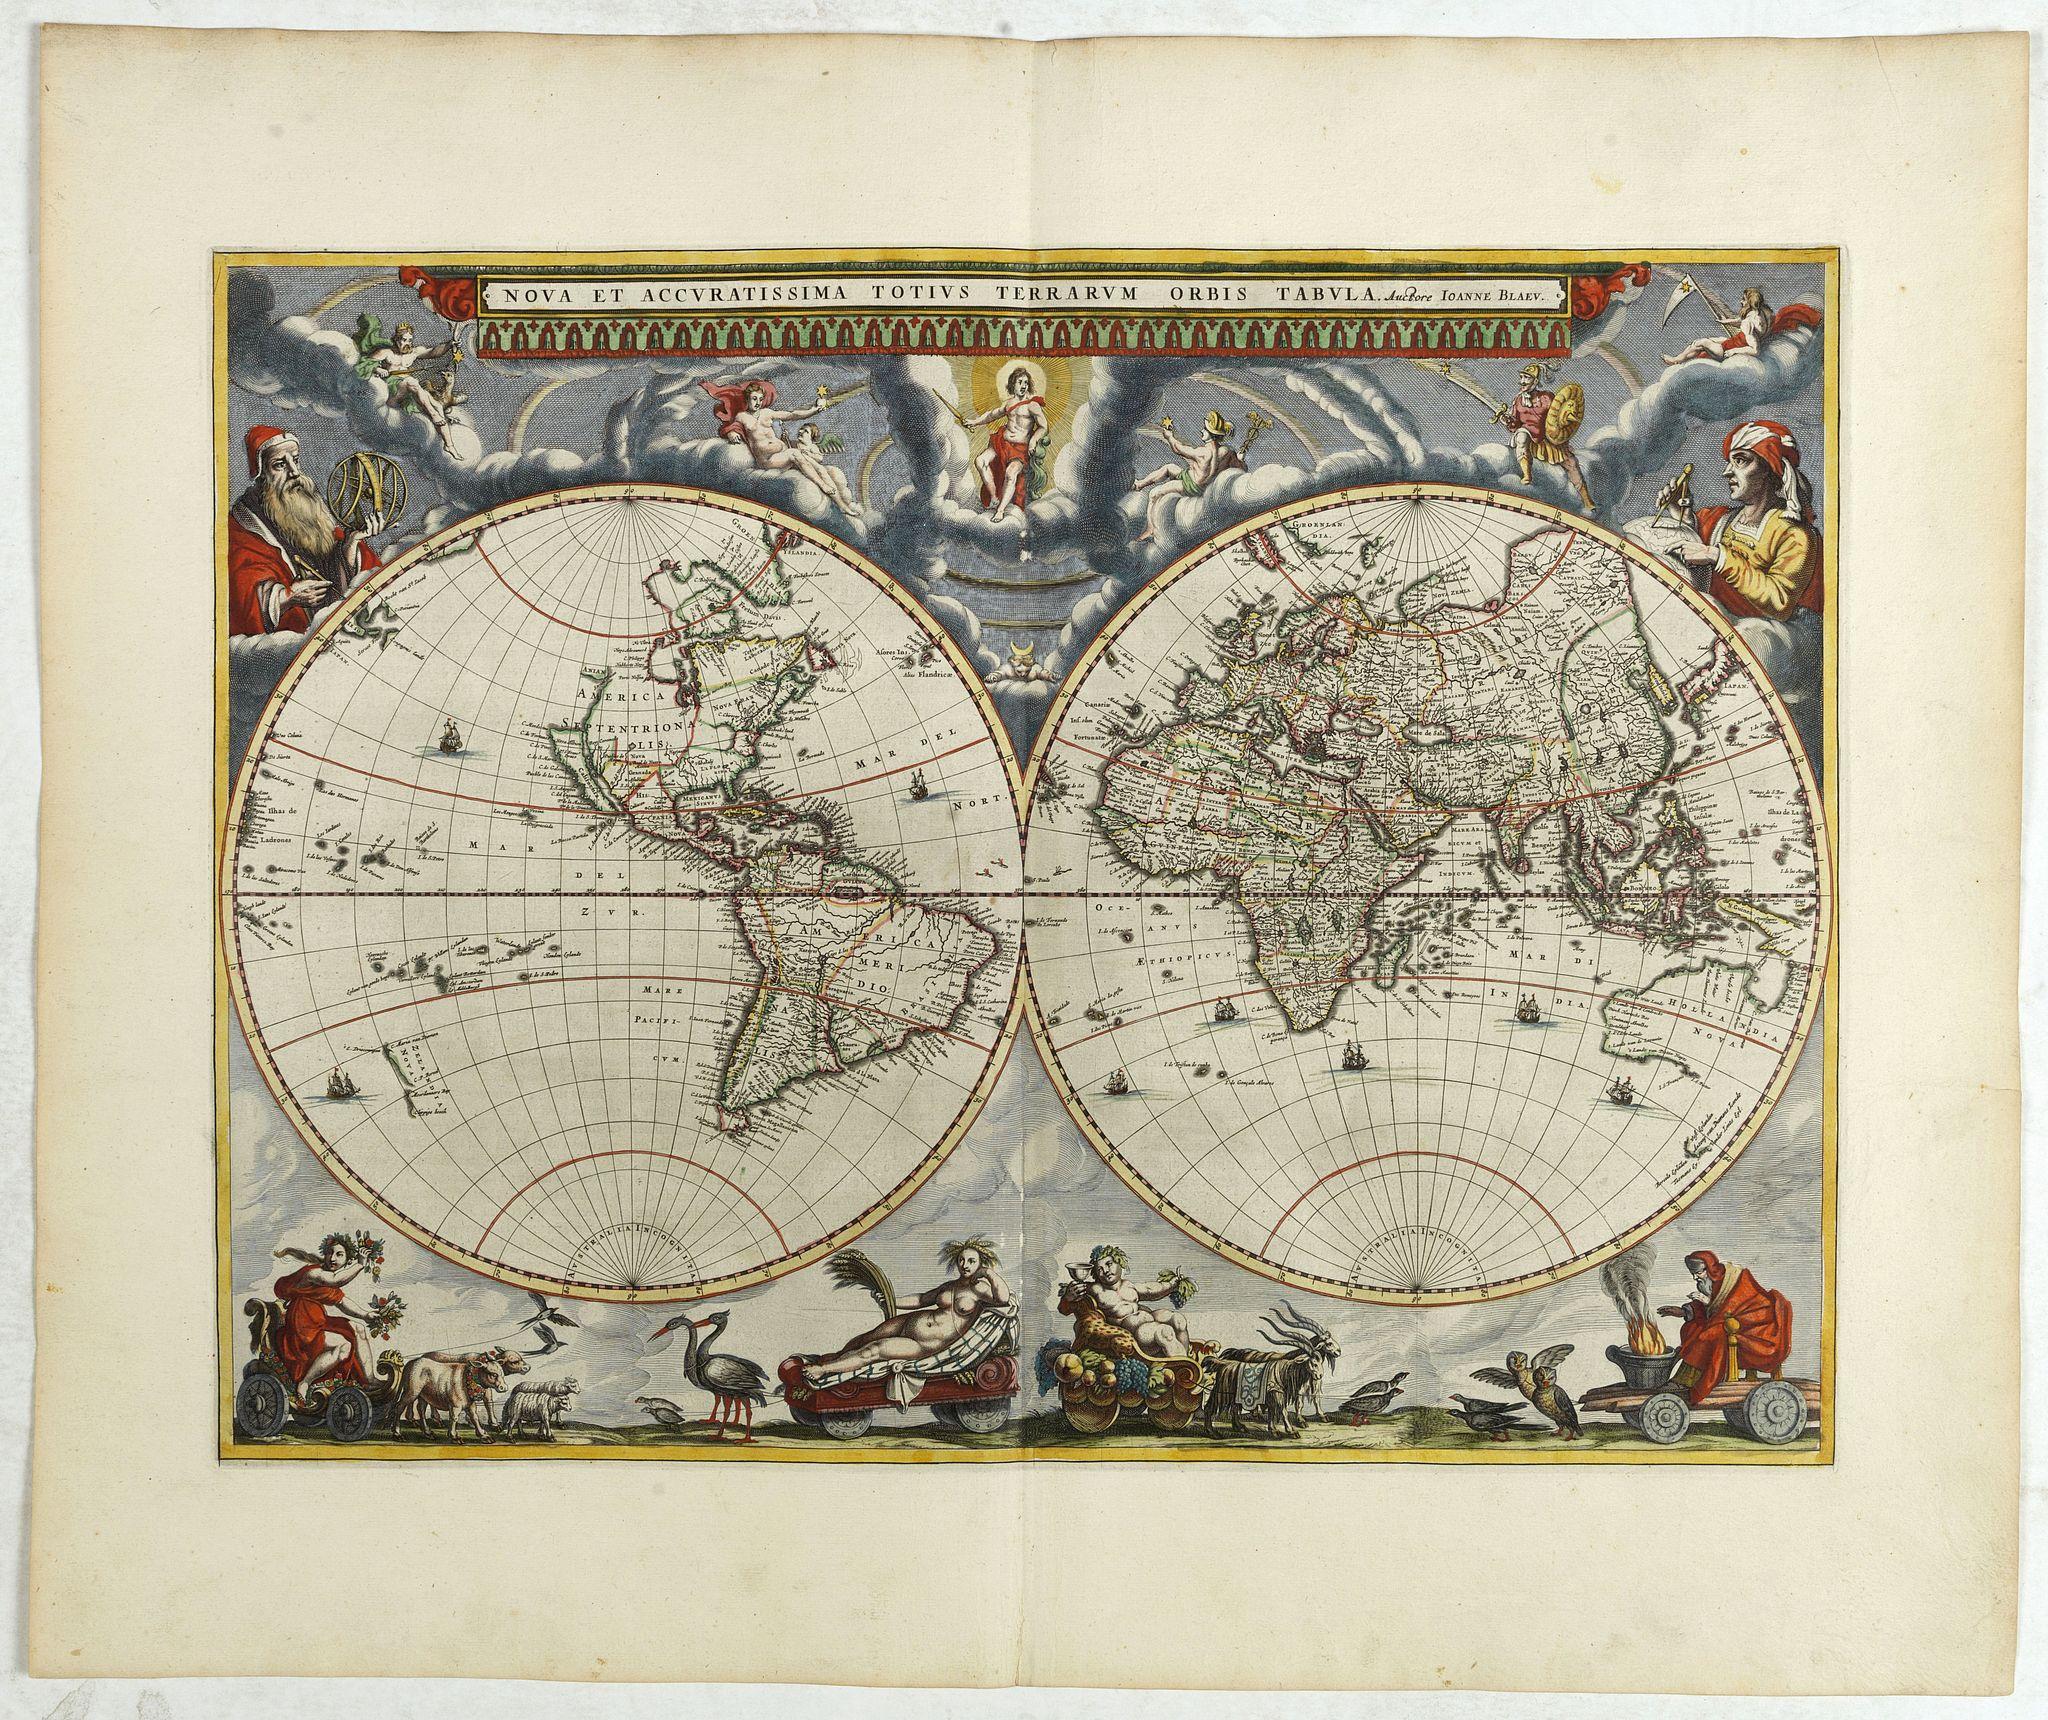 BLAEU, J. -  Nova et Accuratissima Totius Terrarum Orbis Tabula.